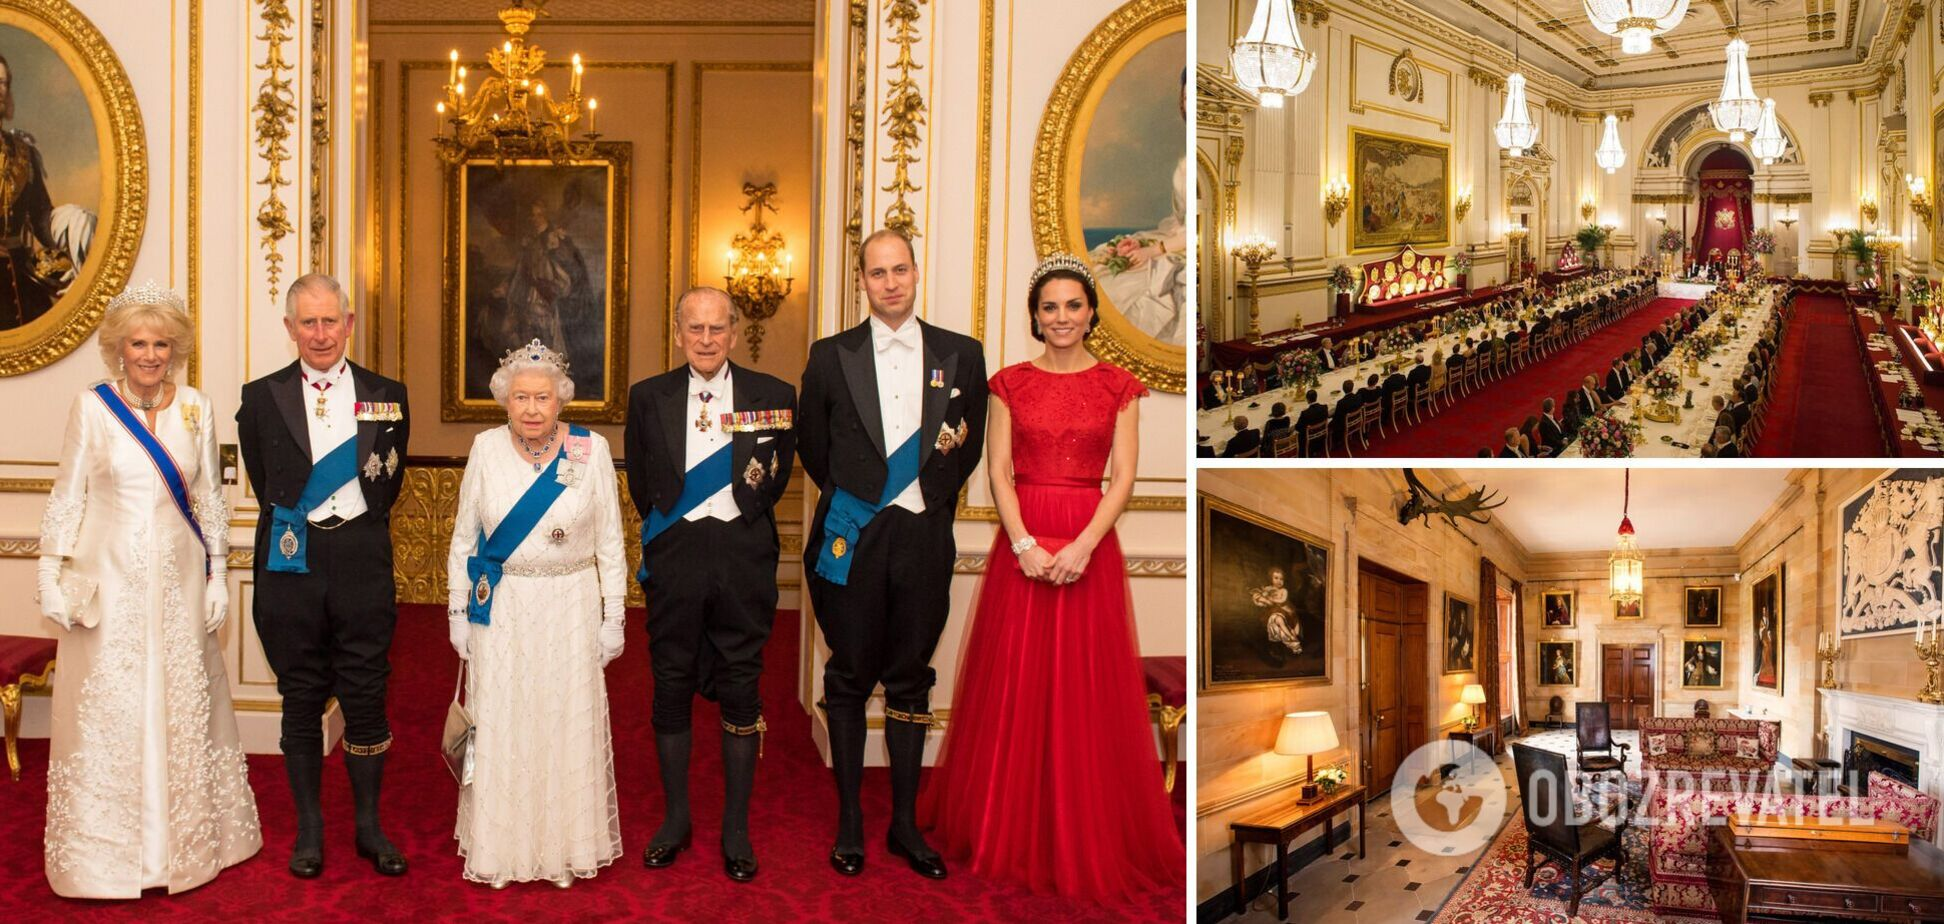 Де живуть Єлизавета II, Міддлтон, Маркл та інші: фото будинків королівської сім'ї